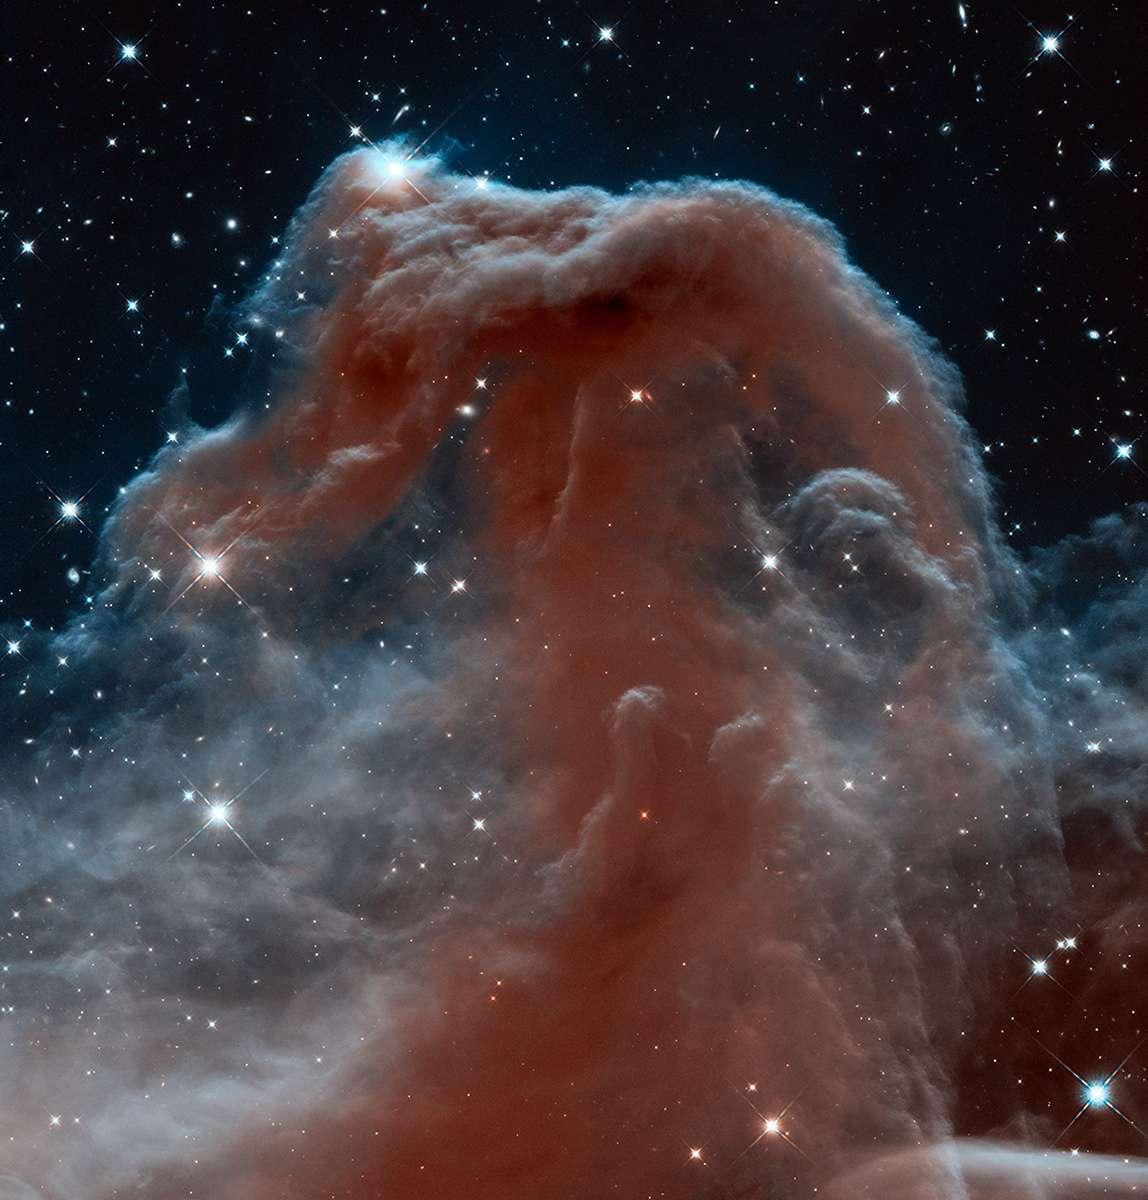 Barnard 33, la nébuleuse de la Tête de cheval, revisitée ici en infrarouge par la caméra WFC3 à l'occasion des 23 ans du télescope spatial américain Hubble. © Nasa, Esa, Hubble heritage team, STScI/Aura